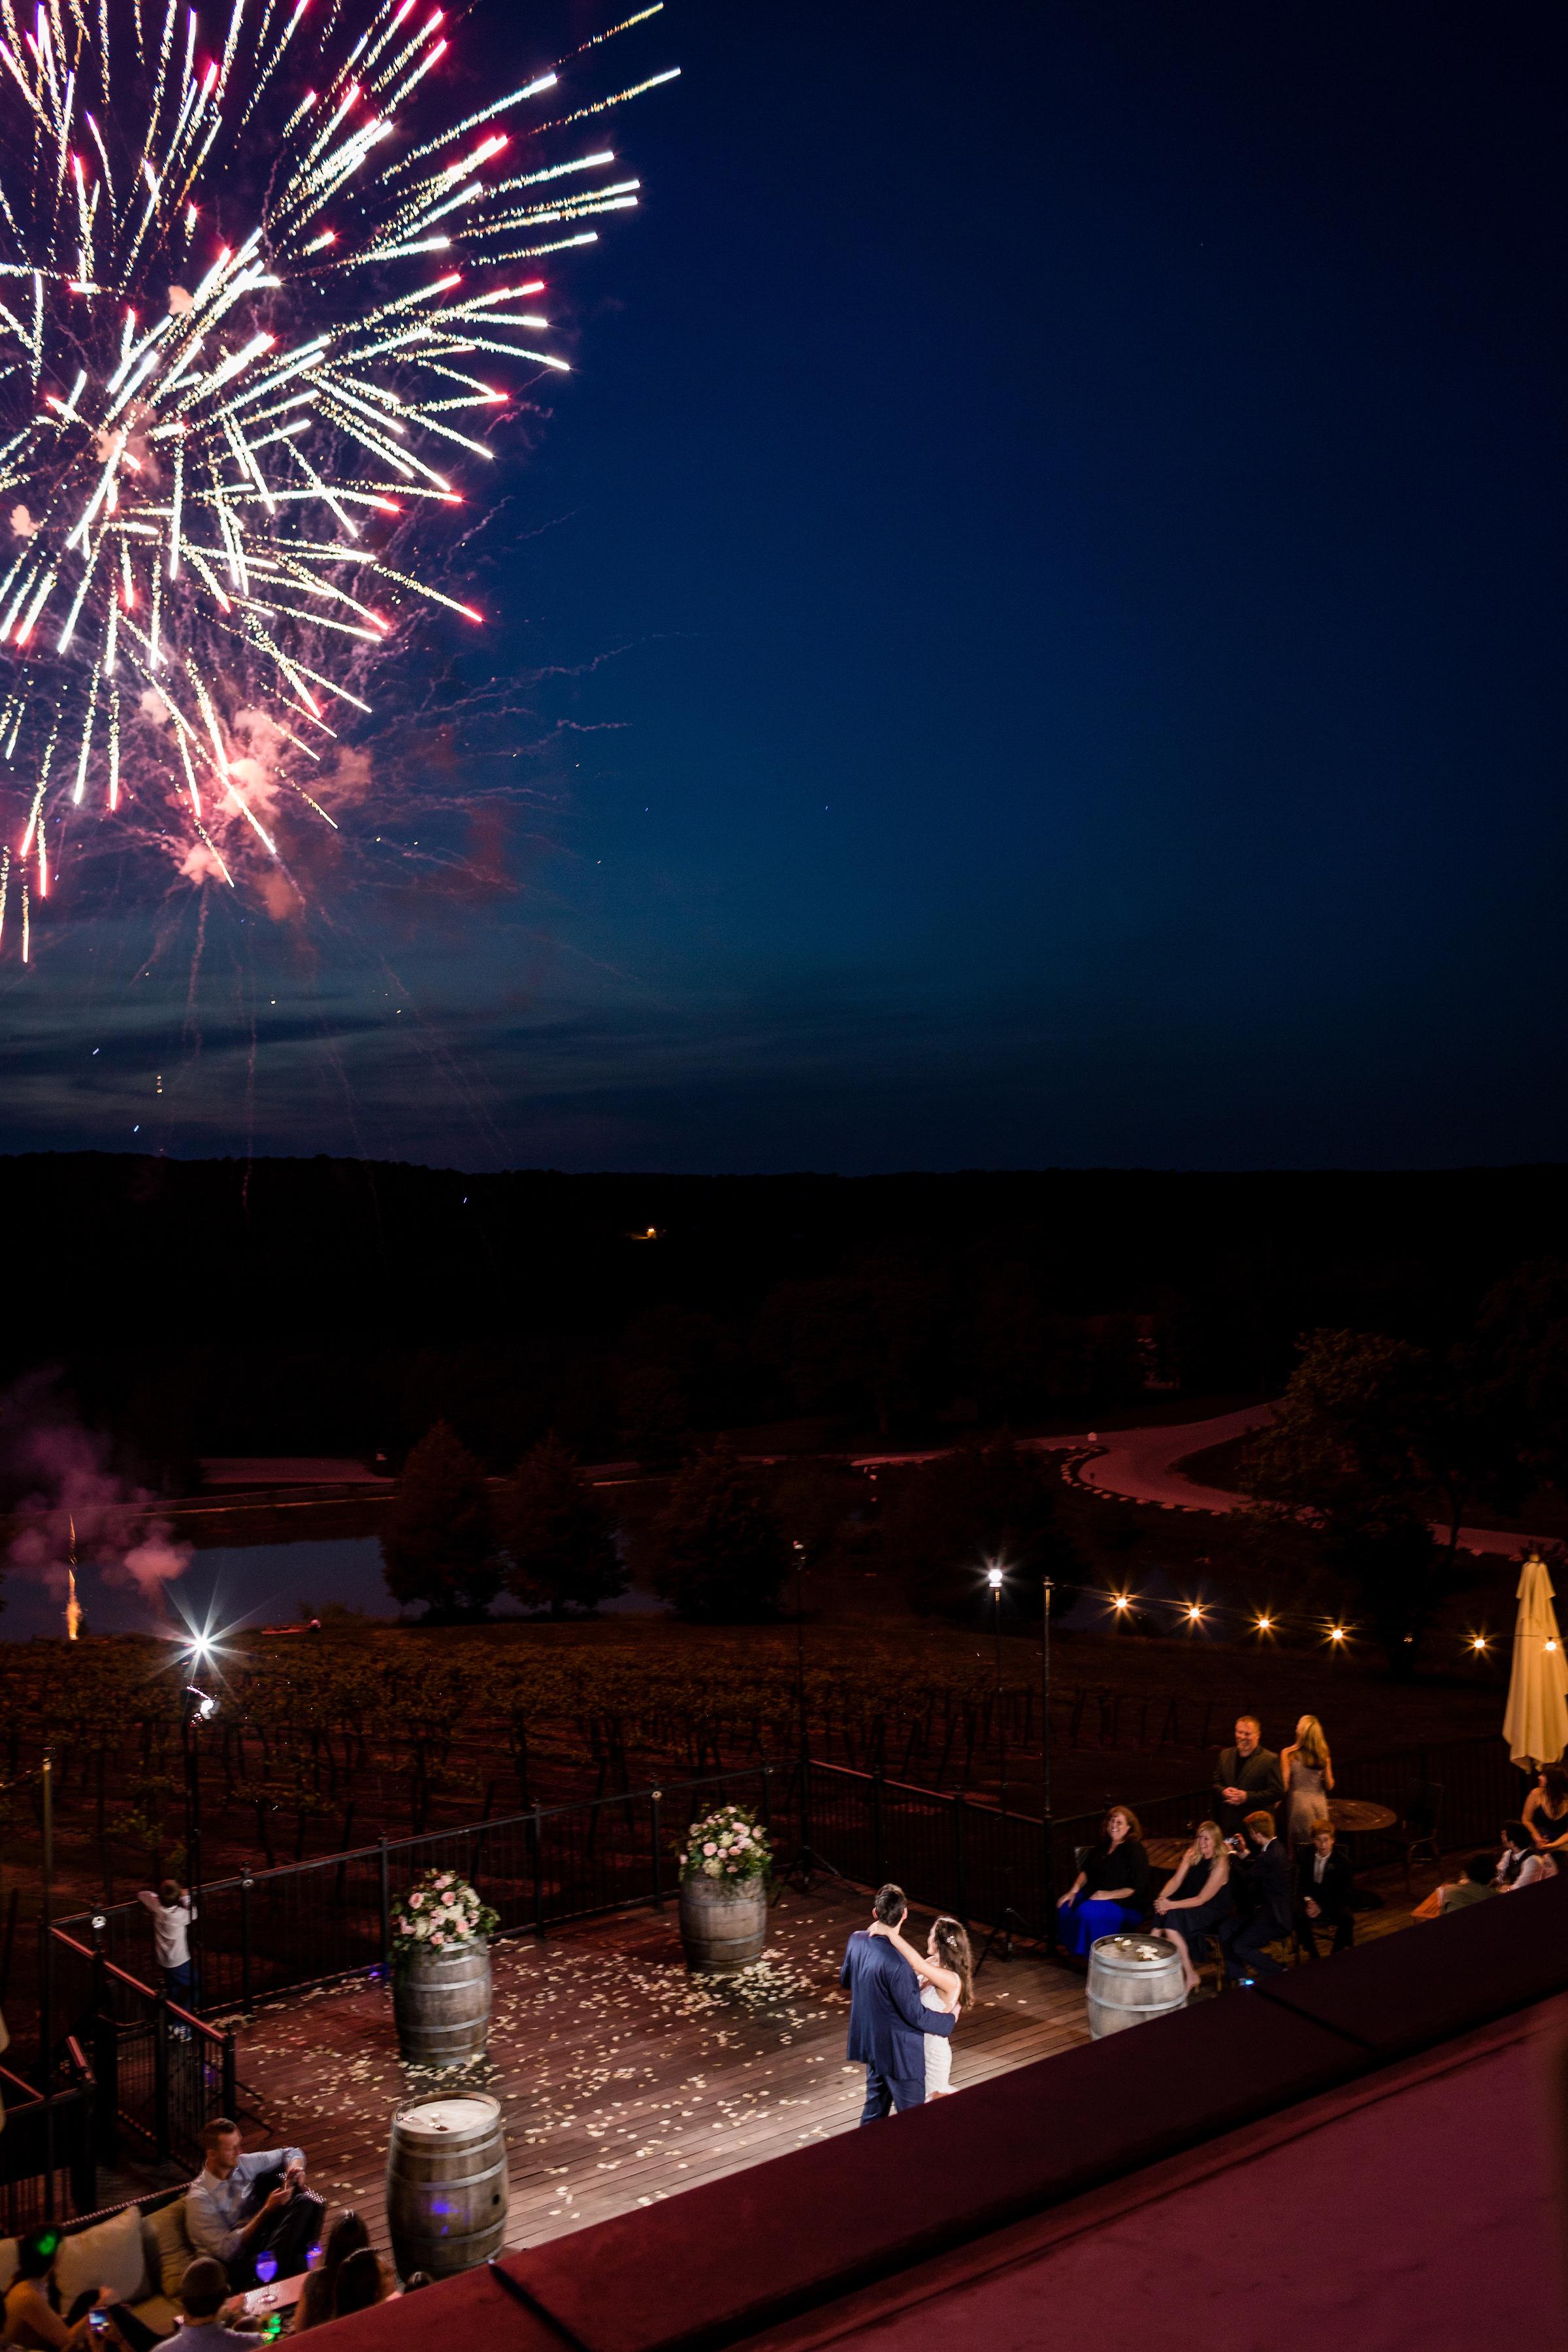 brielle-davis-events-kairos-photography-chandler-hill-wedding-dancing-636.jpg